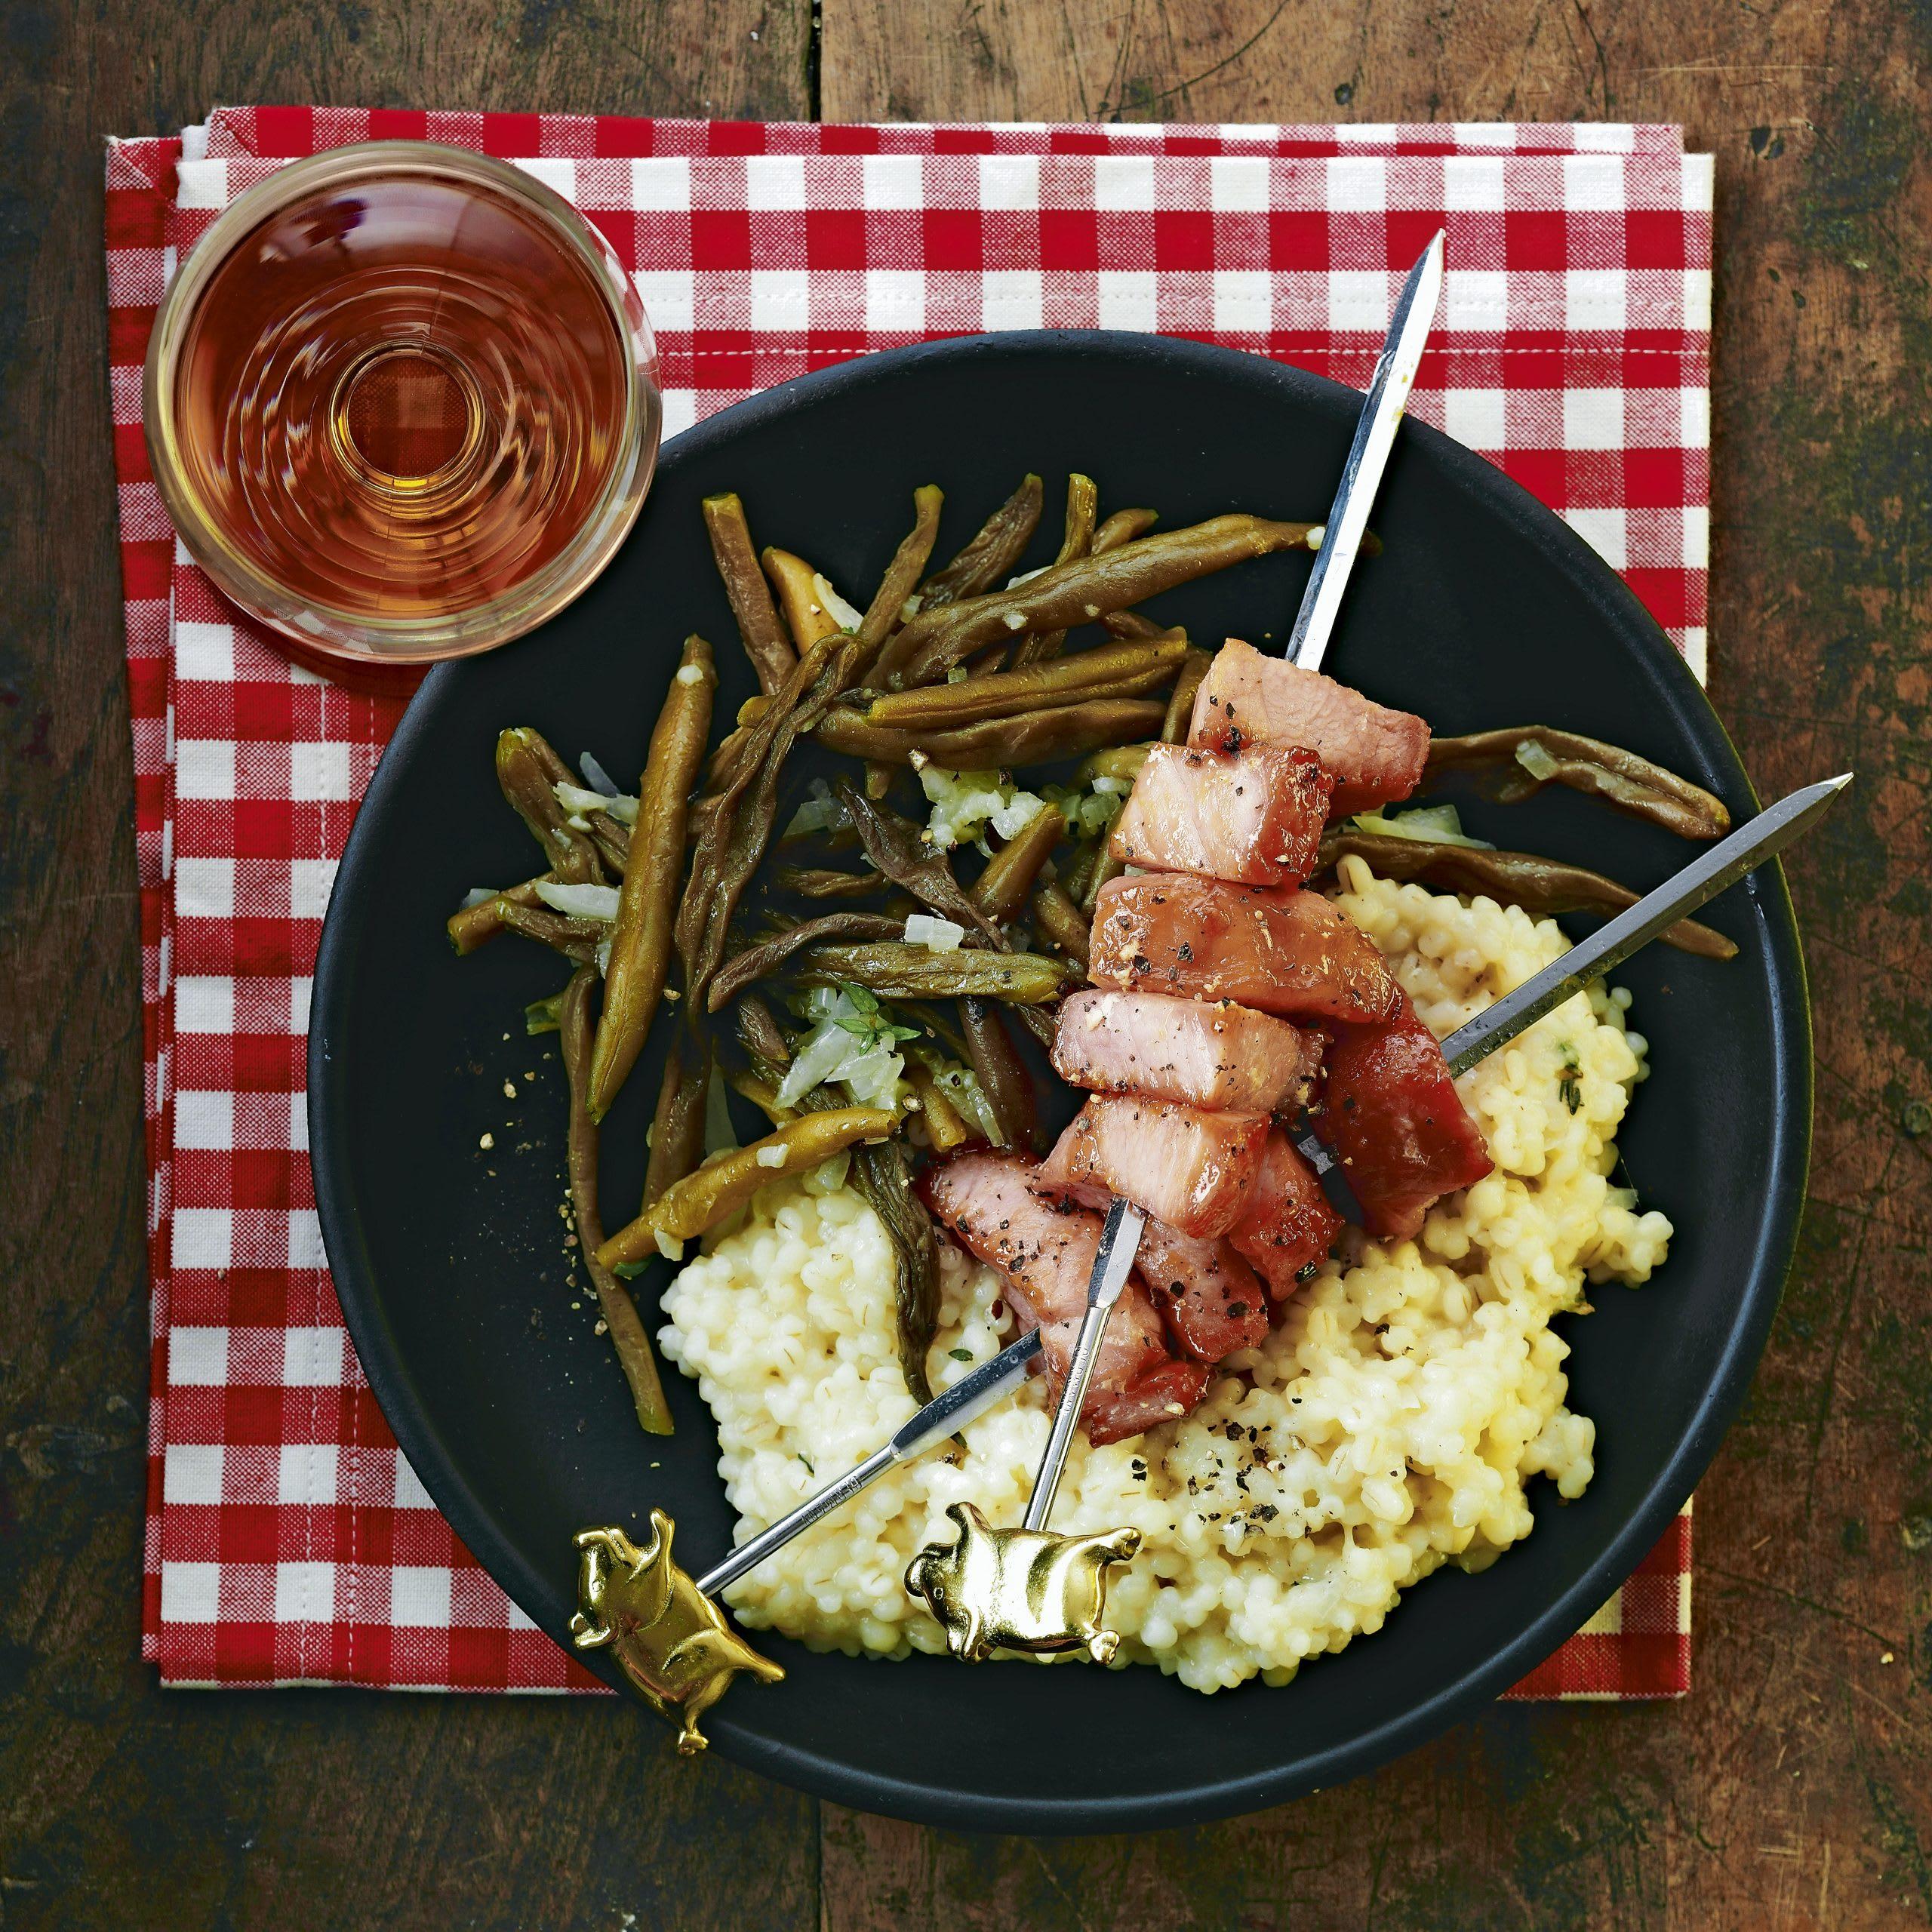 Brochettes de porc, haricots verts et orge